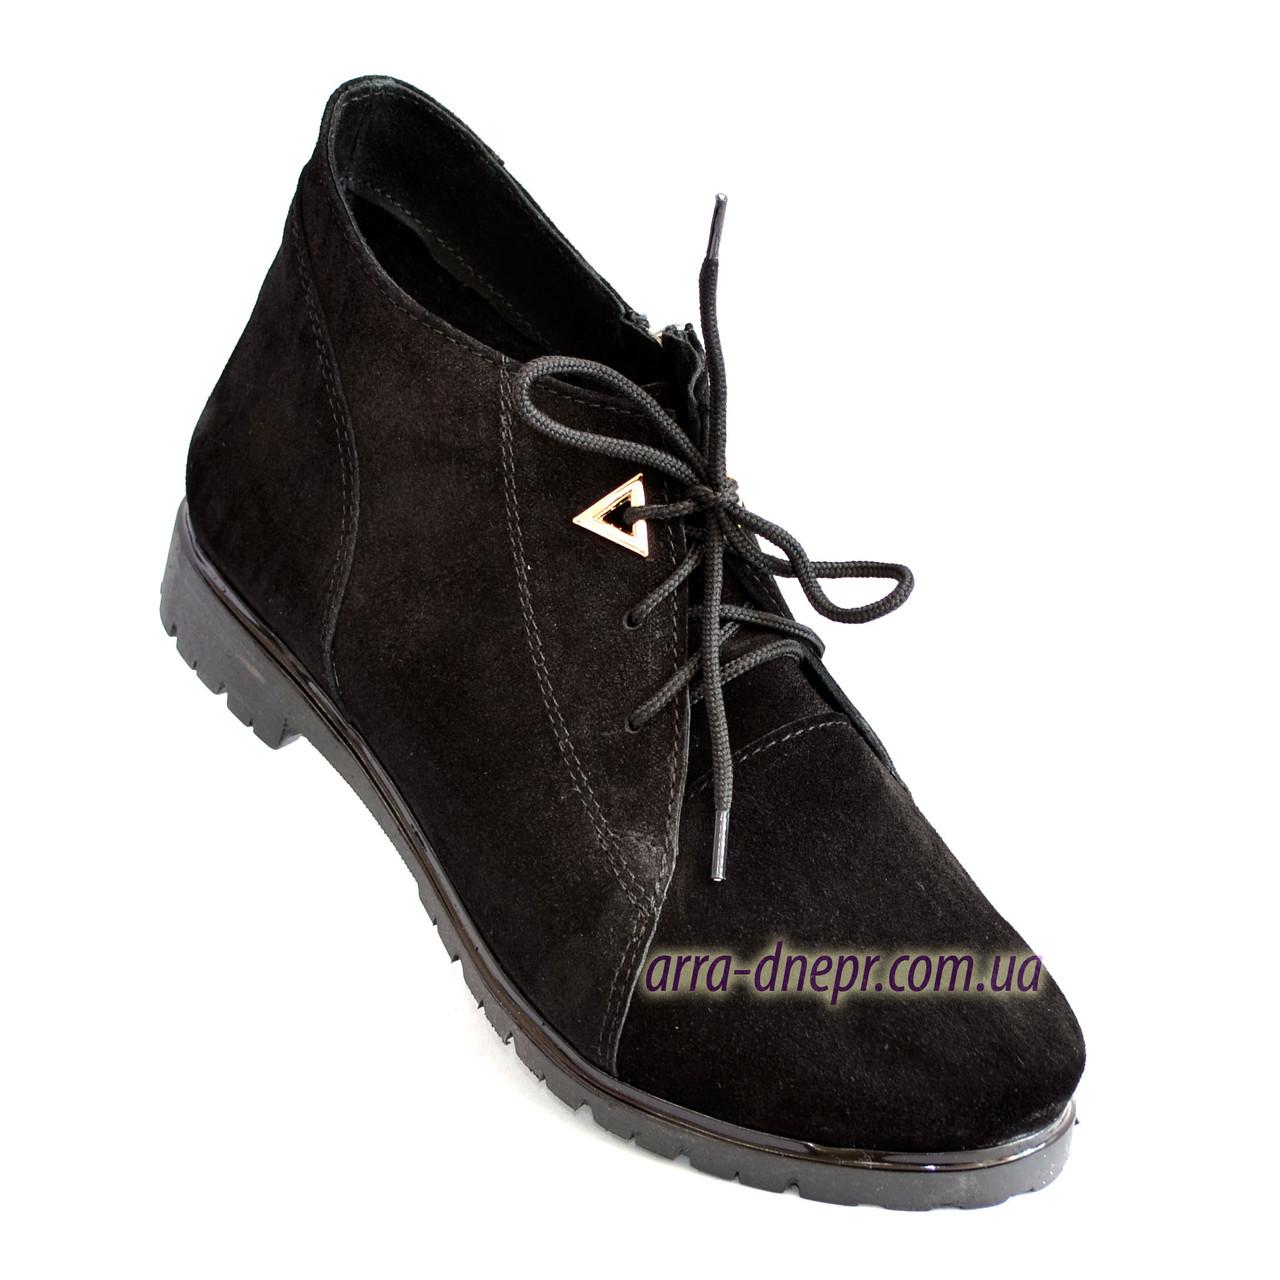 Женские замшевые демисезонные полуботинки на шнуровке